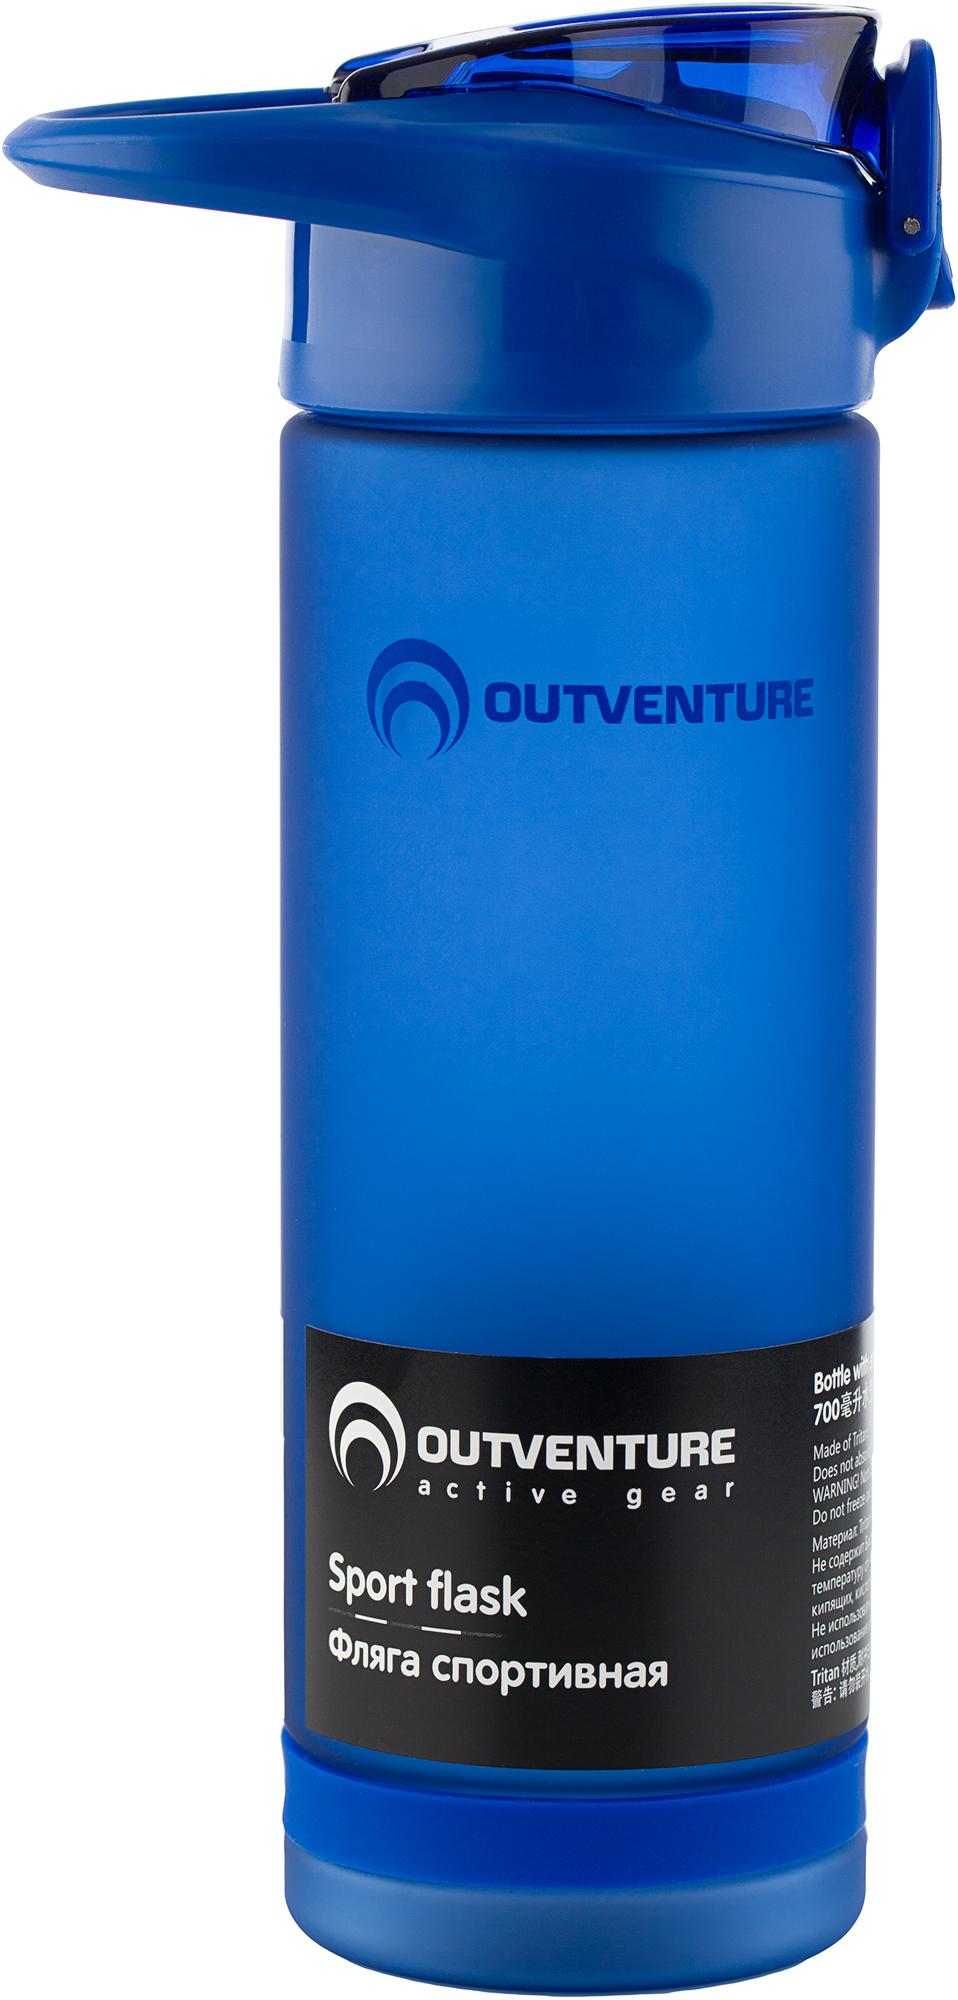 Outventure Фляга Outventure, 700 мл